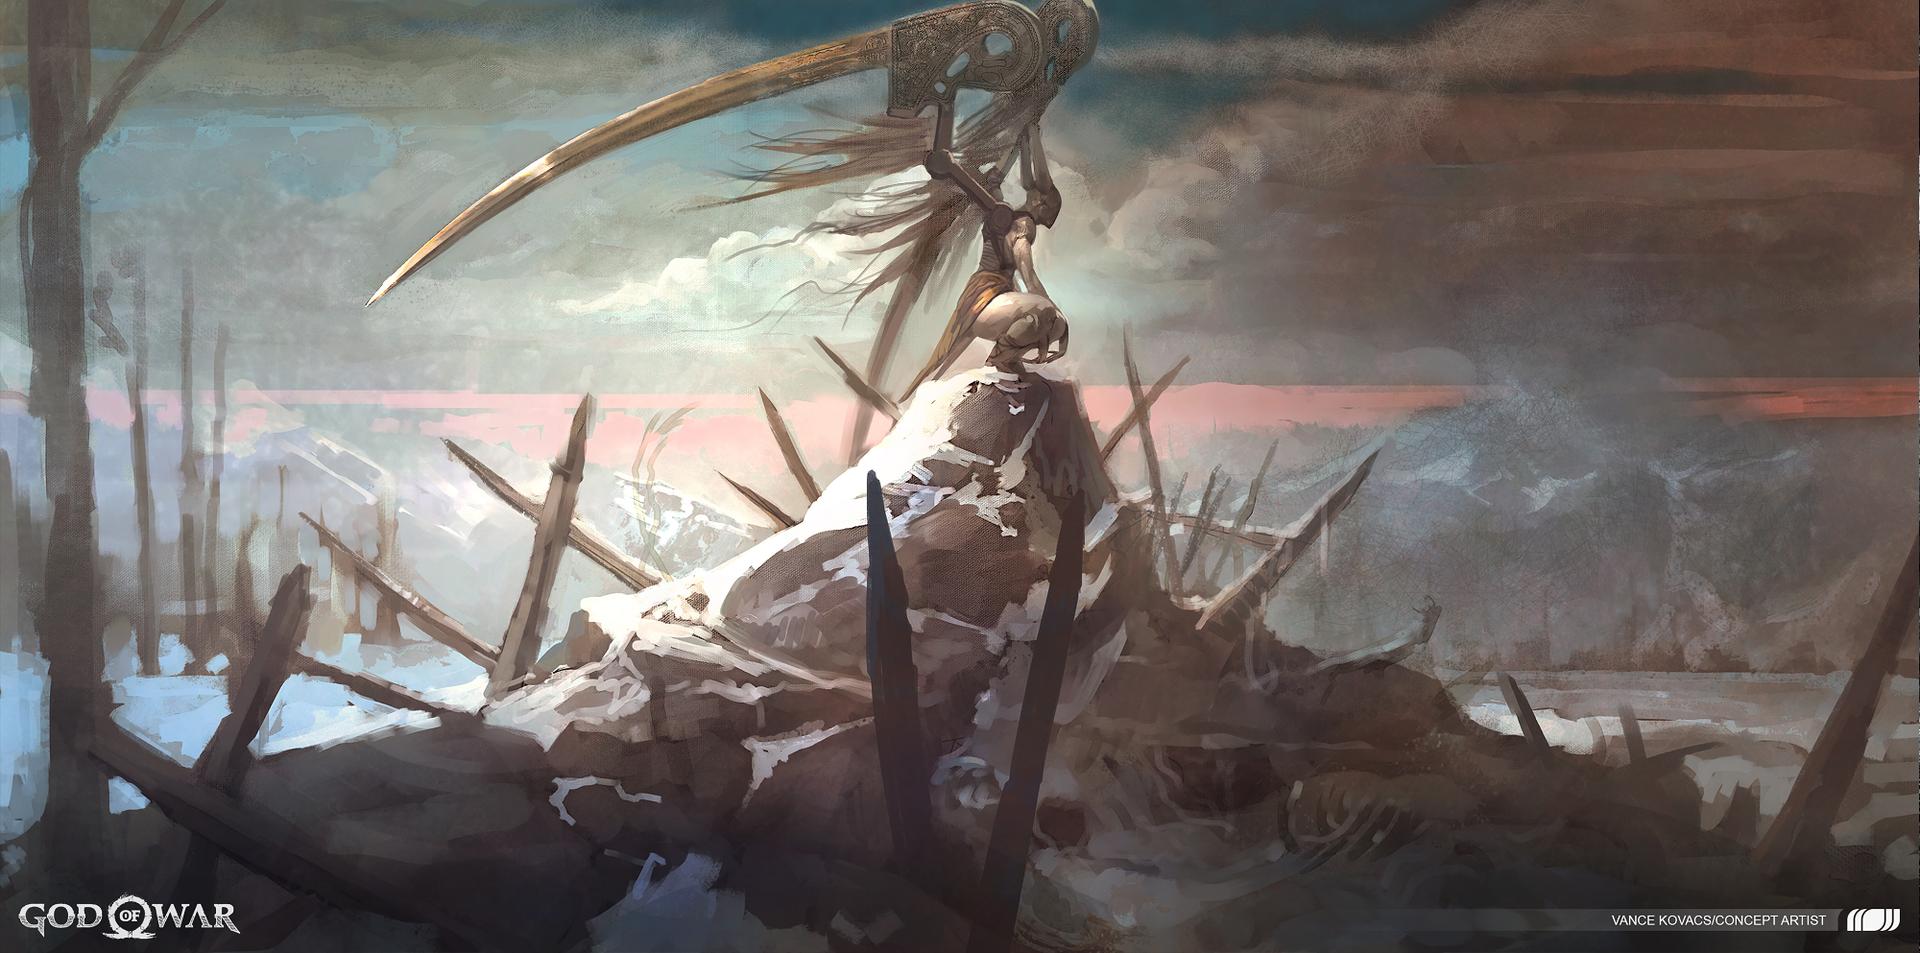 God of War – Valkyrie 1